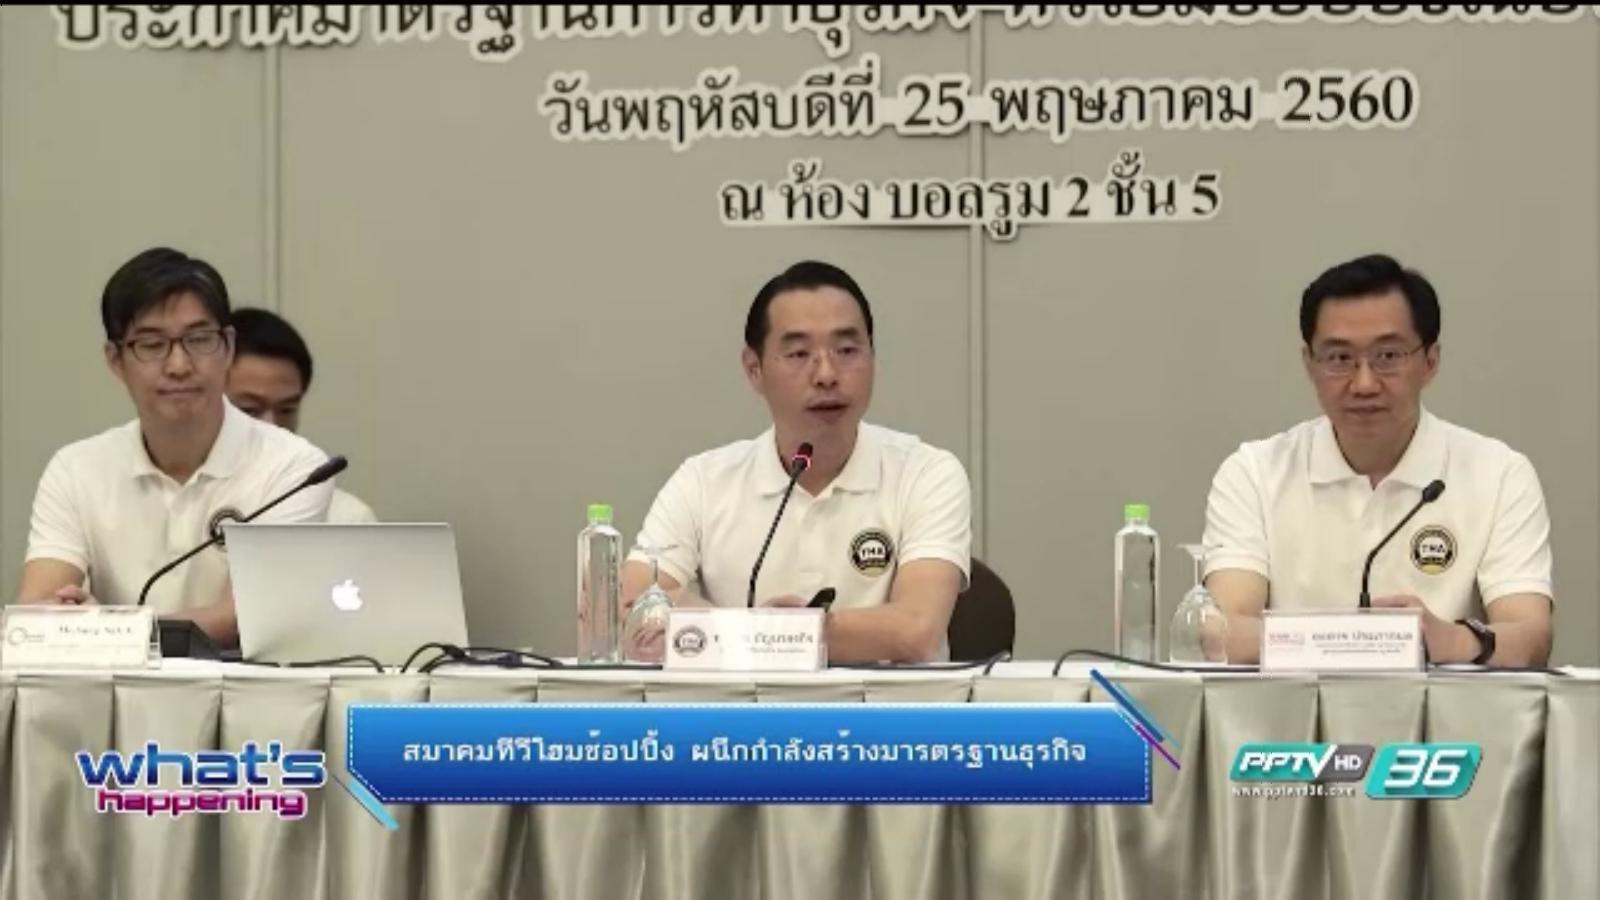 สมาคมทีวีโฮมช็อปปิ้งในประเทศไทย แถลงข่าวตราสัญลักษณ์แห่งความเชื่อมั่น